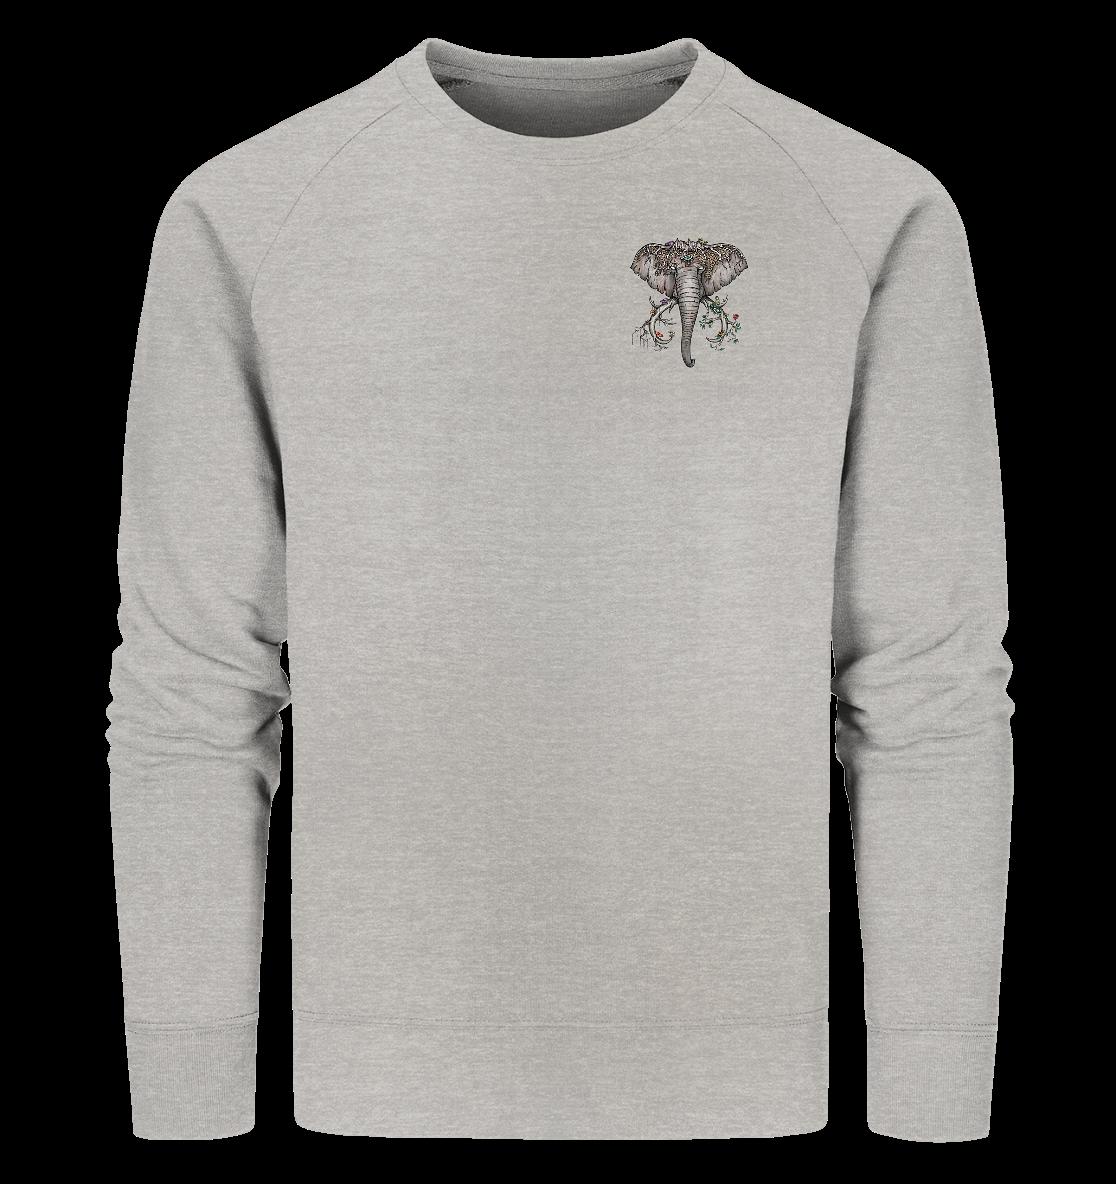 front-organic-sweatshirt-c2c1c0-1116x-3.png